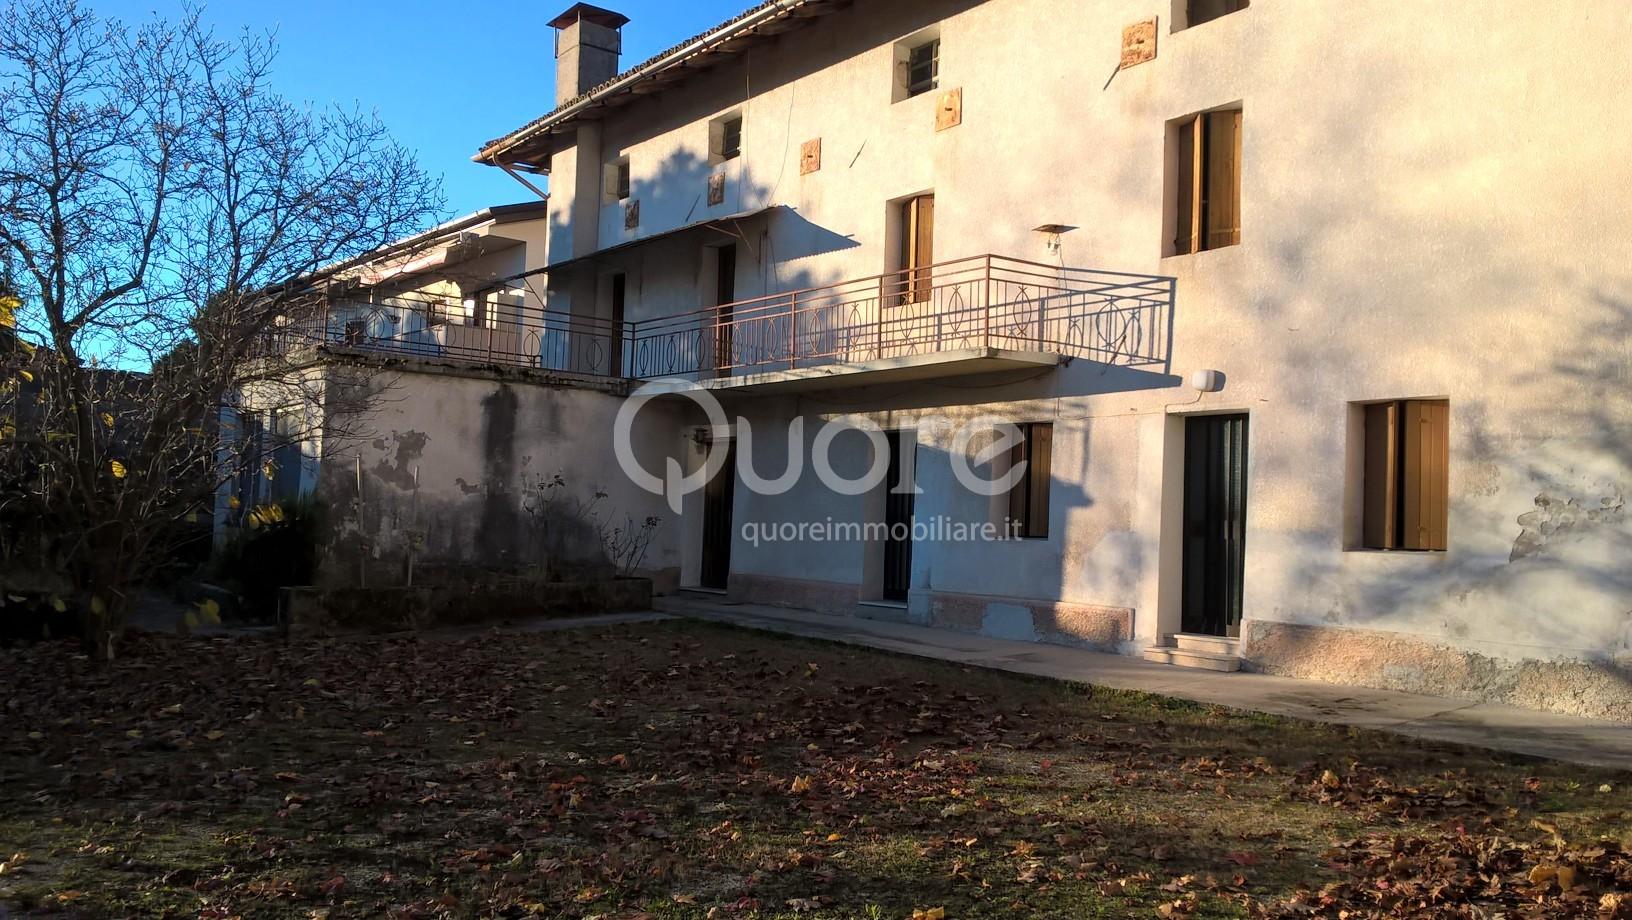 Soluzione Semindipendente in vendita a Colloredo di Monte Albano, 10 locali, prezzo € 85.000 | CambioCasa.it